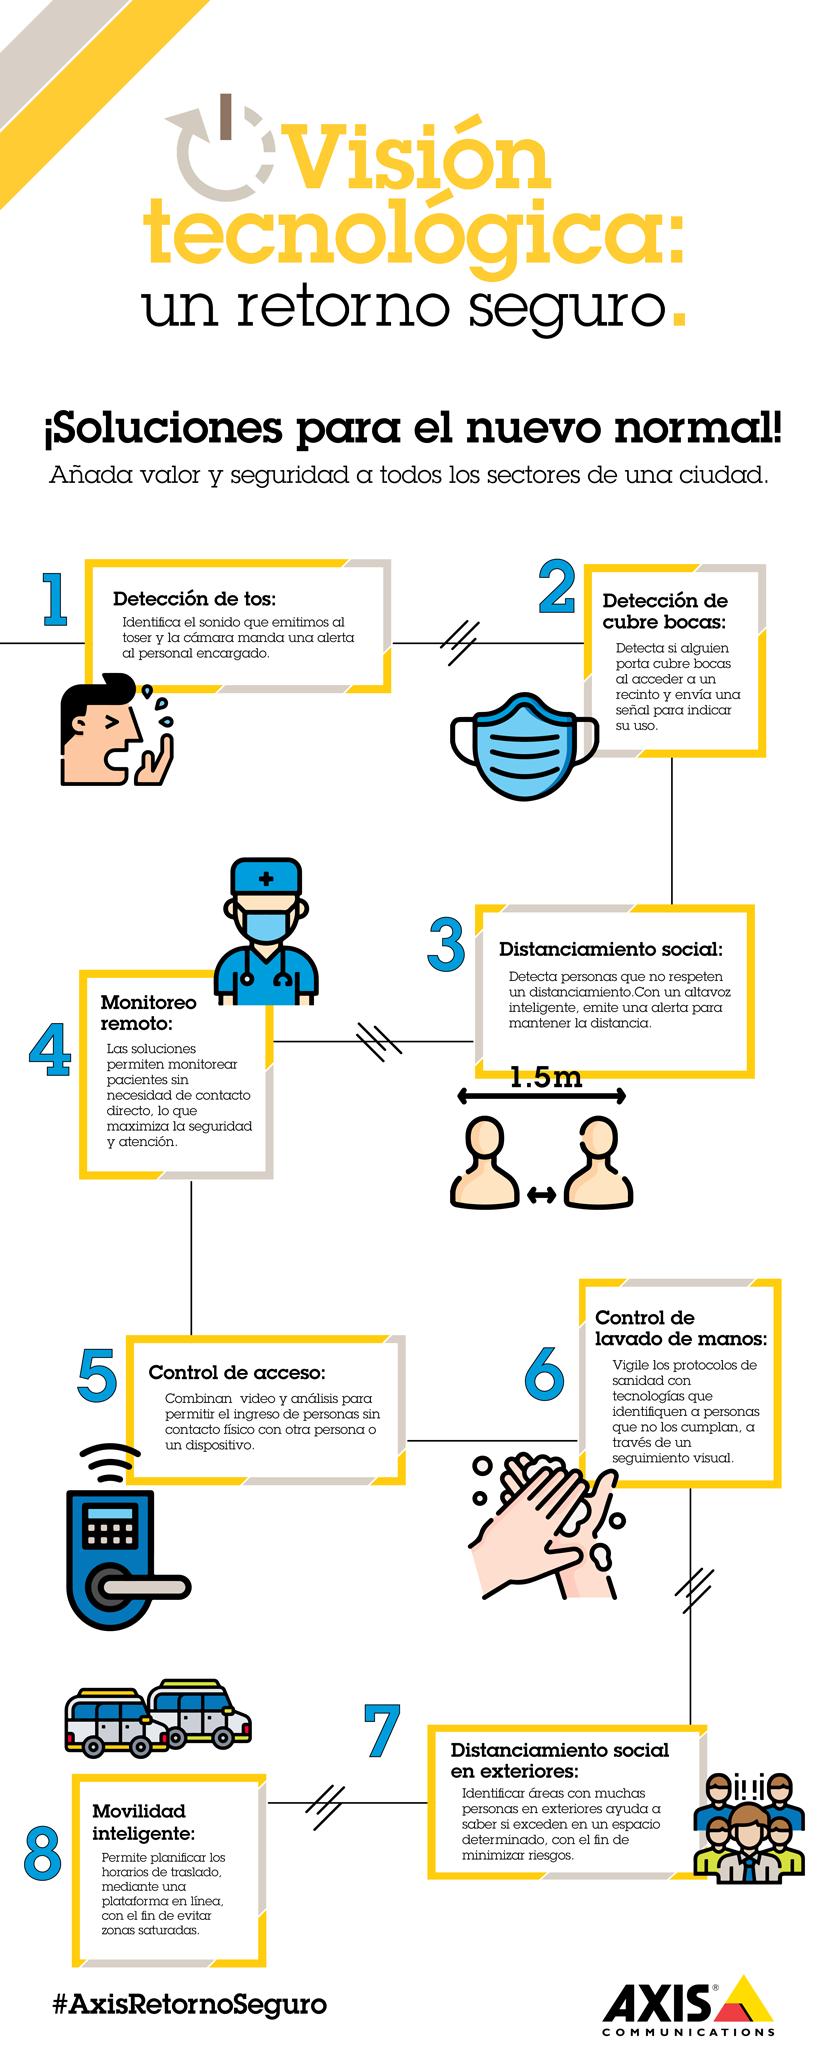 Axis Communications Infografia Retorno Seguro Latinoamerica